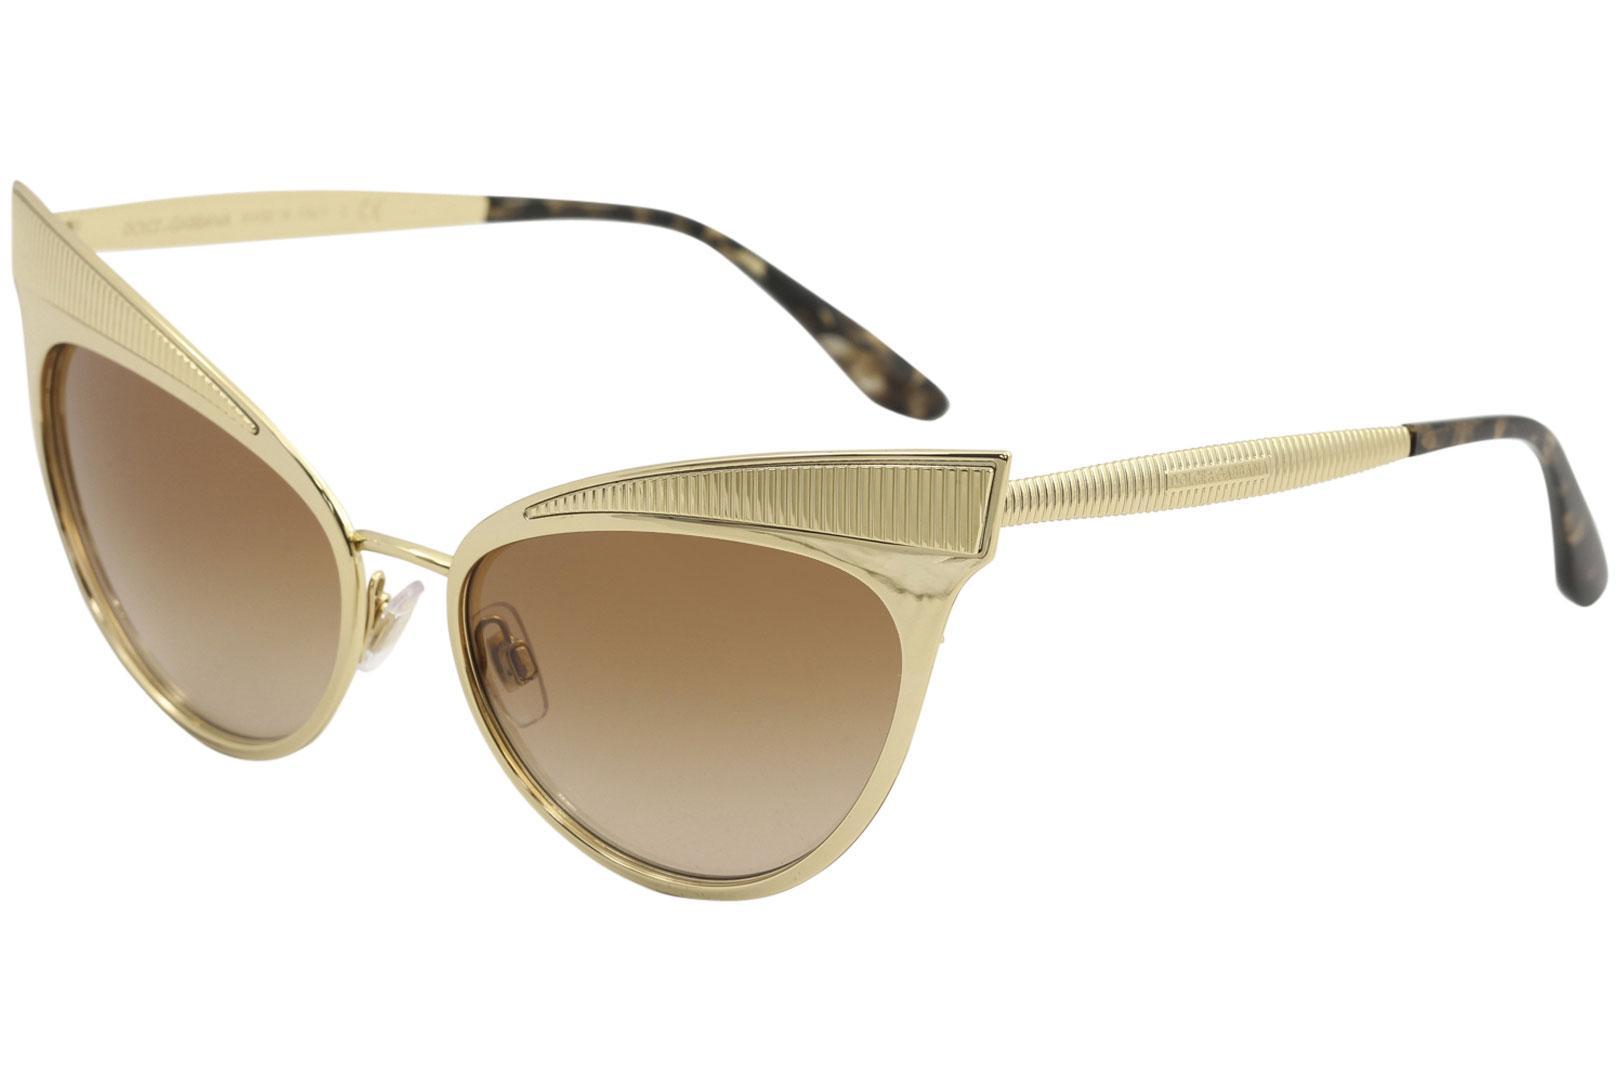 a29f586715 Dolce & Gabbana Women's D&G DG2178 DG/2178 Fashion Cat Eye Sunglasses by  Dolce & Gabbana